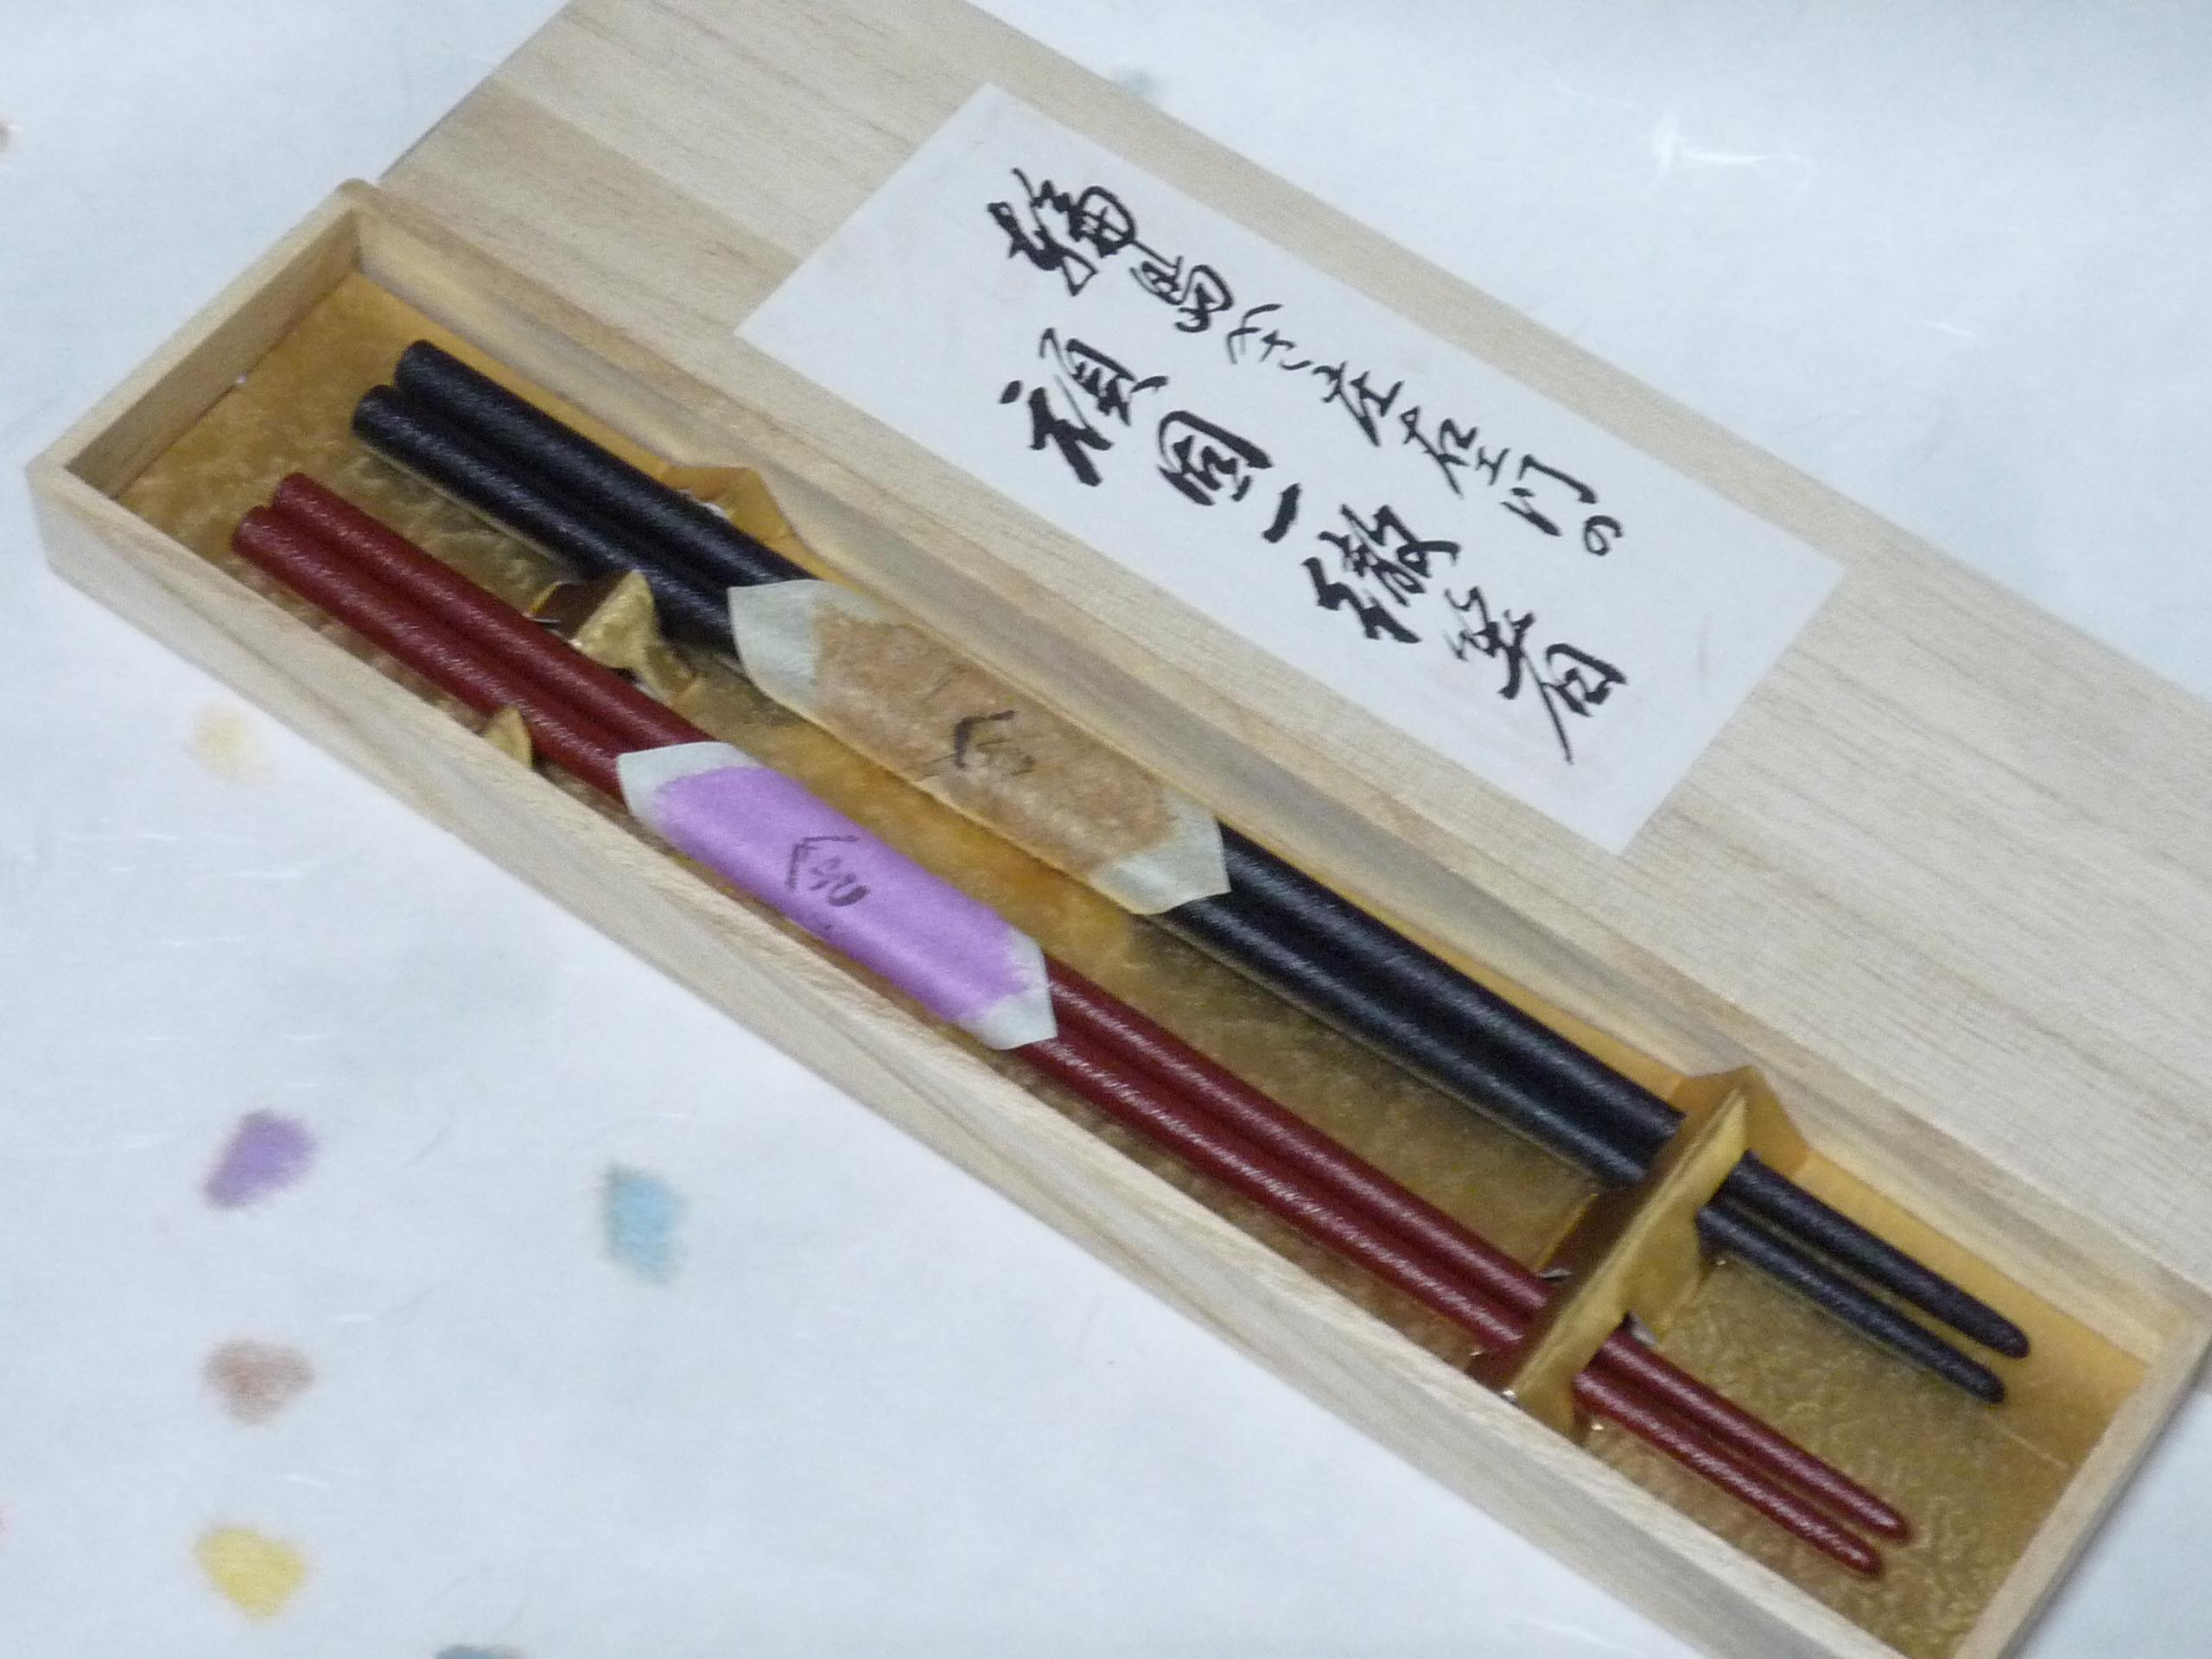 輪島漆塗小判型 使いやすい太め 「すべらん箸」 黒&赤 夫婦箸 桐箱入り